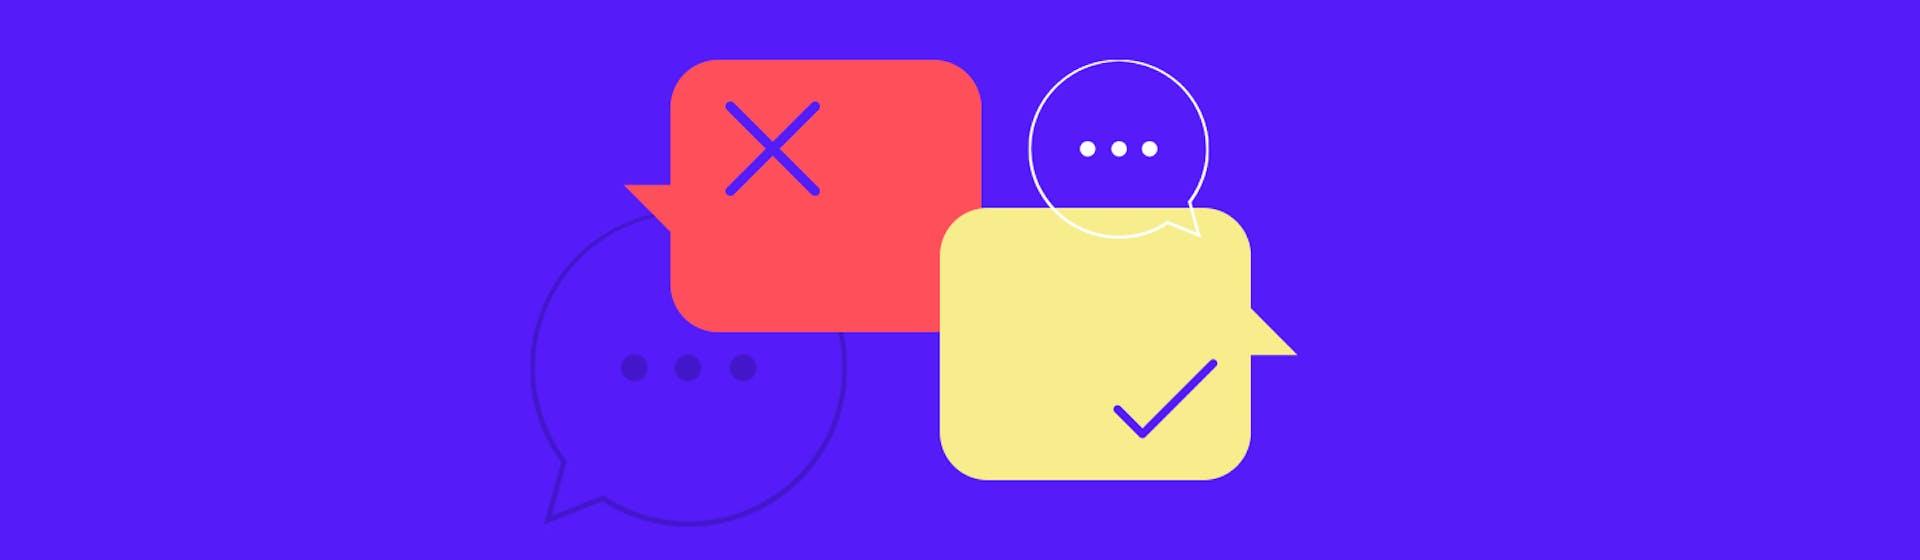 ¿Cómo iniciar una conversación sin tener tema? Tips para mejorar tu 'small talk'